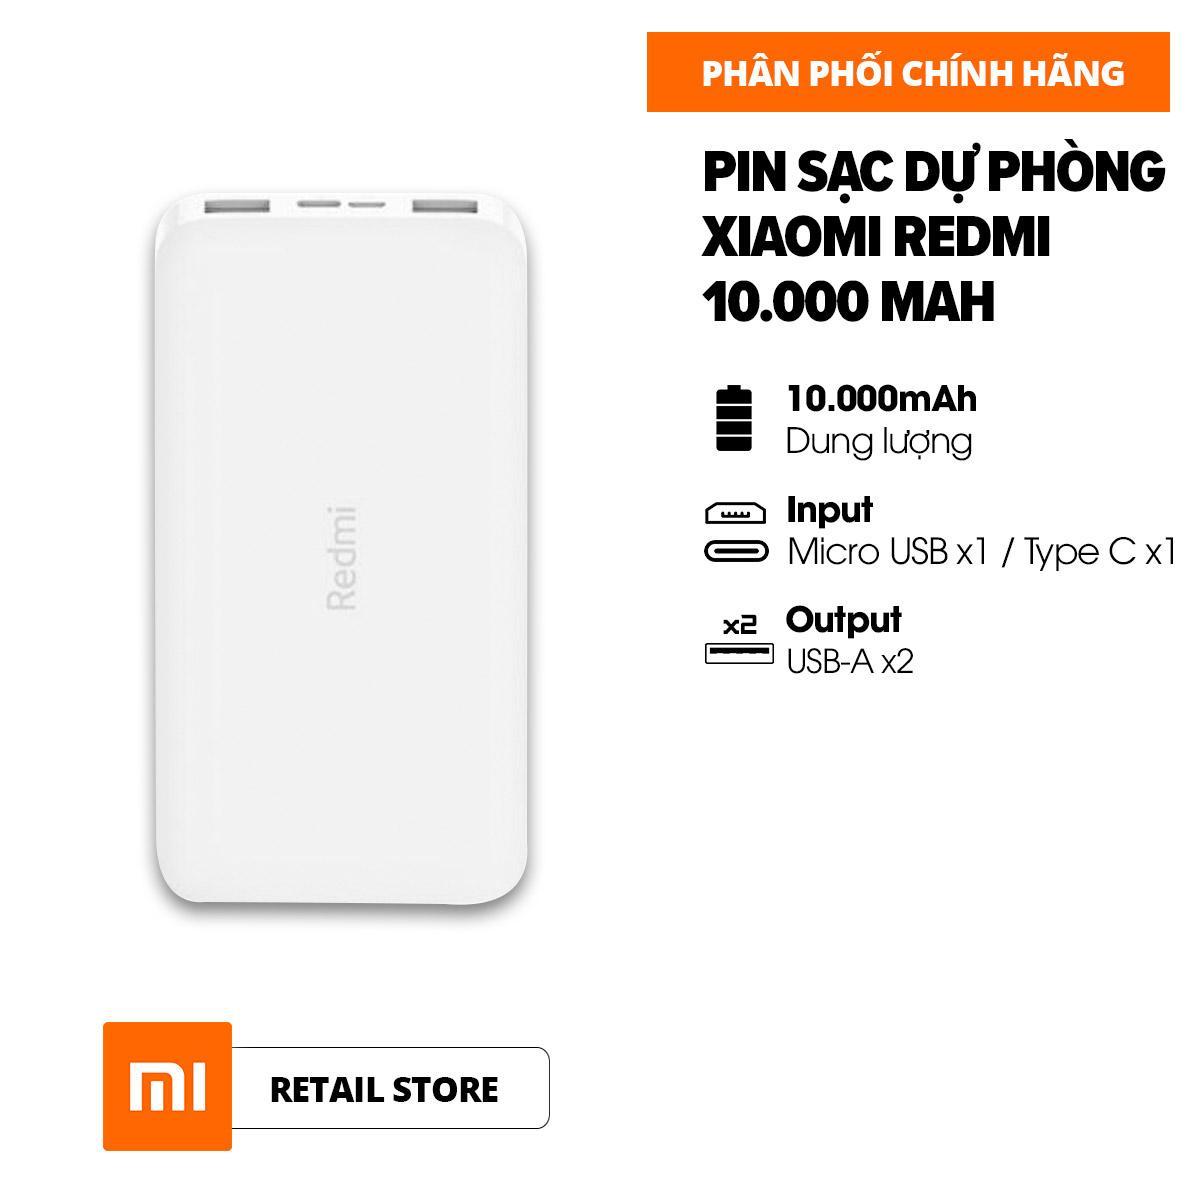 [HÀNG CHÍNH HÃNG] Pin sạc dự phòng Xiaomi Redmi 10.000mAh l Input: Micro USB & Type-C / Output: USB-A x2